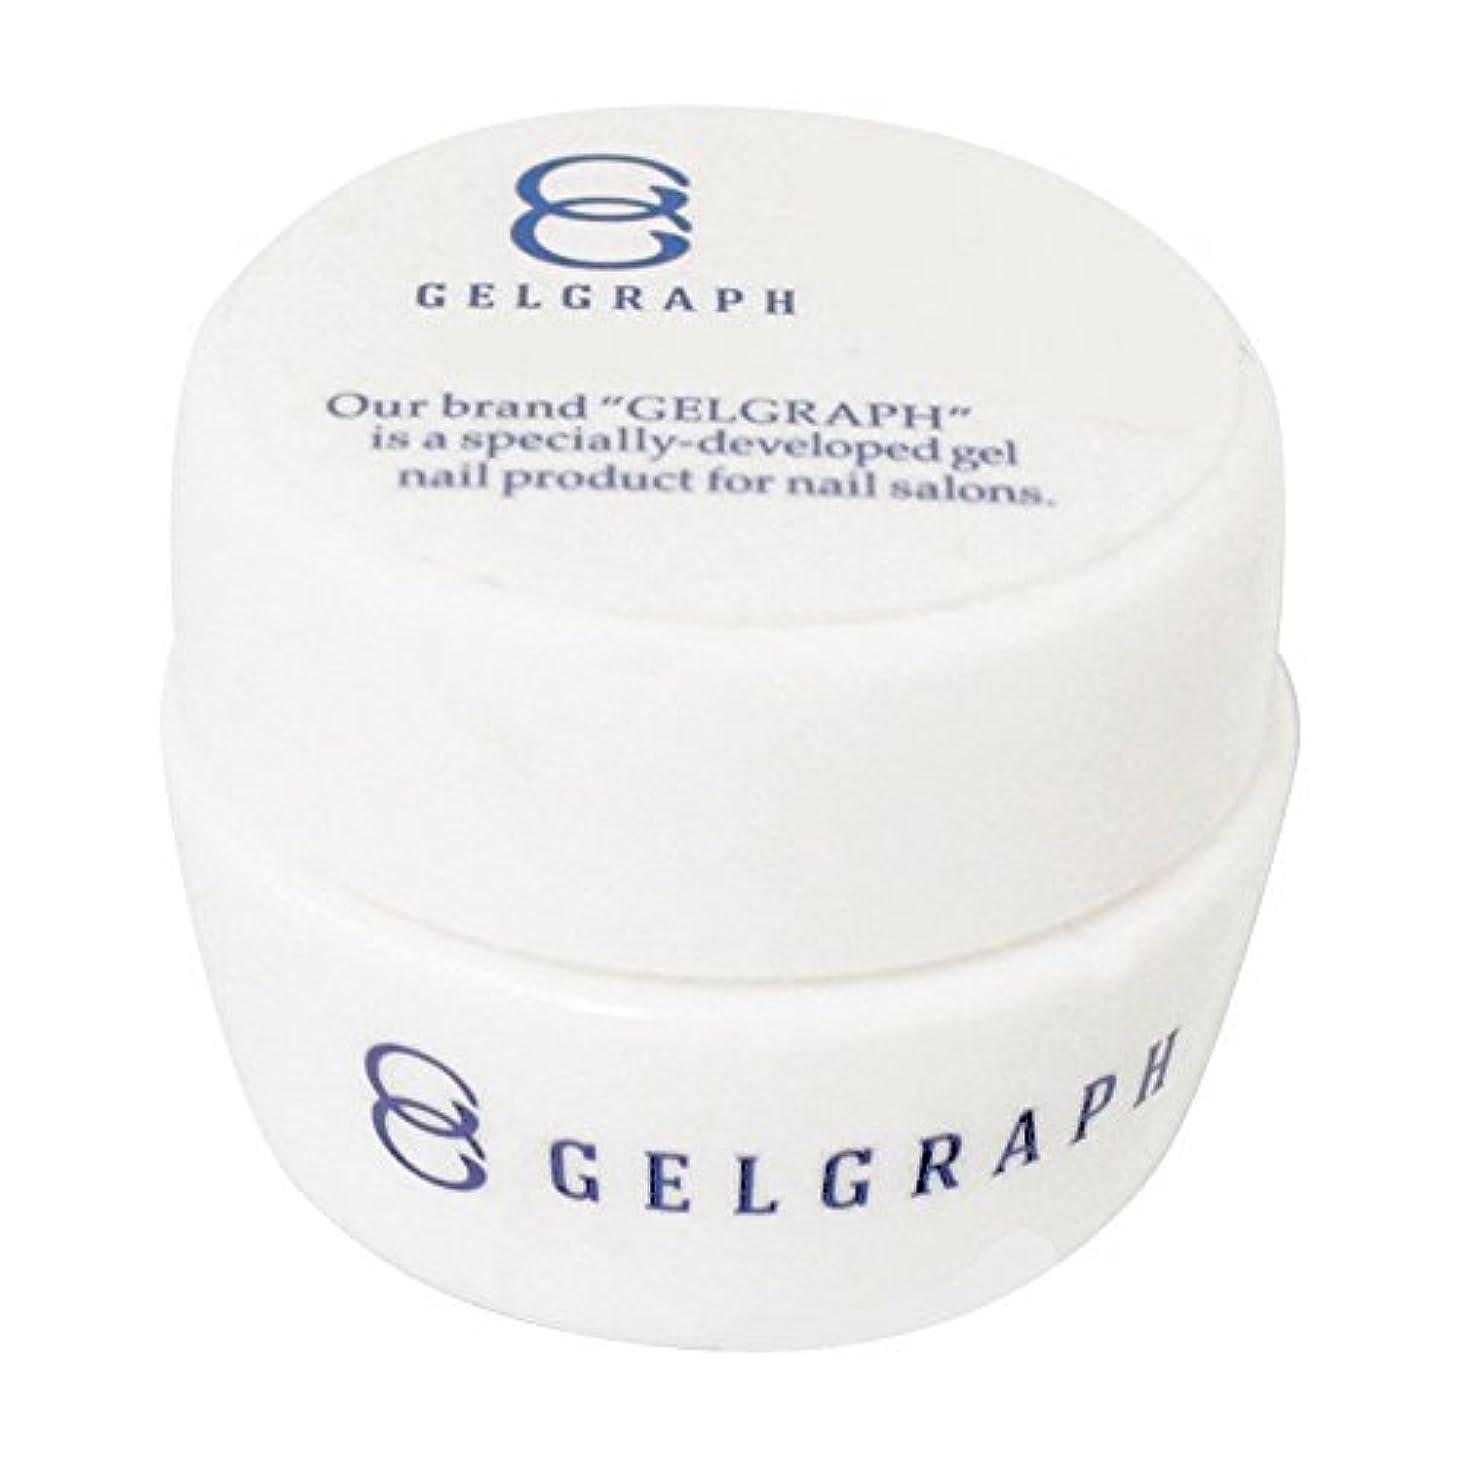 アラームキリスト精算GELGRAPH カラージェル 019GP レモンシャーベット 5g UV/LED対応 ソークオフジェル